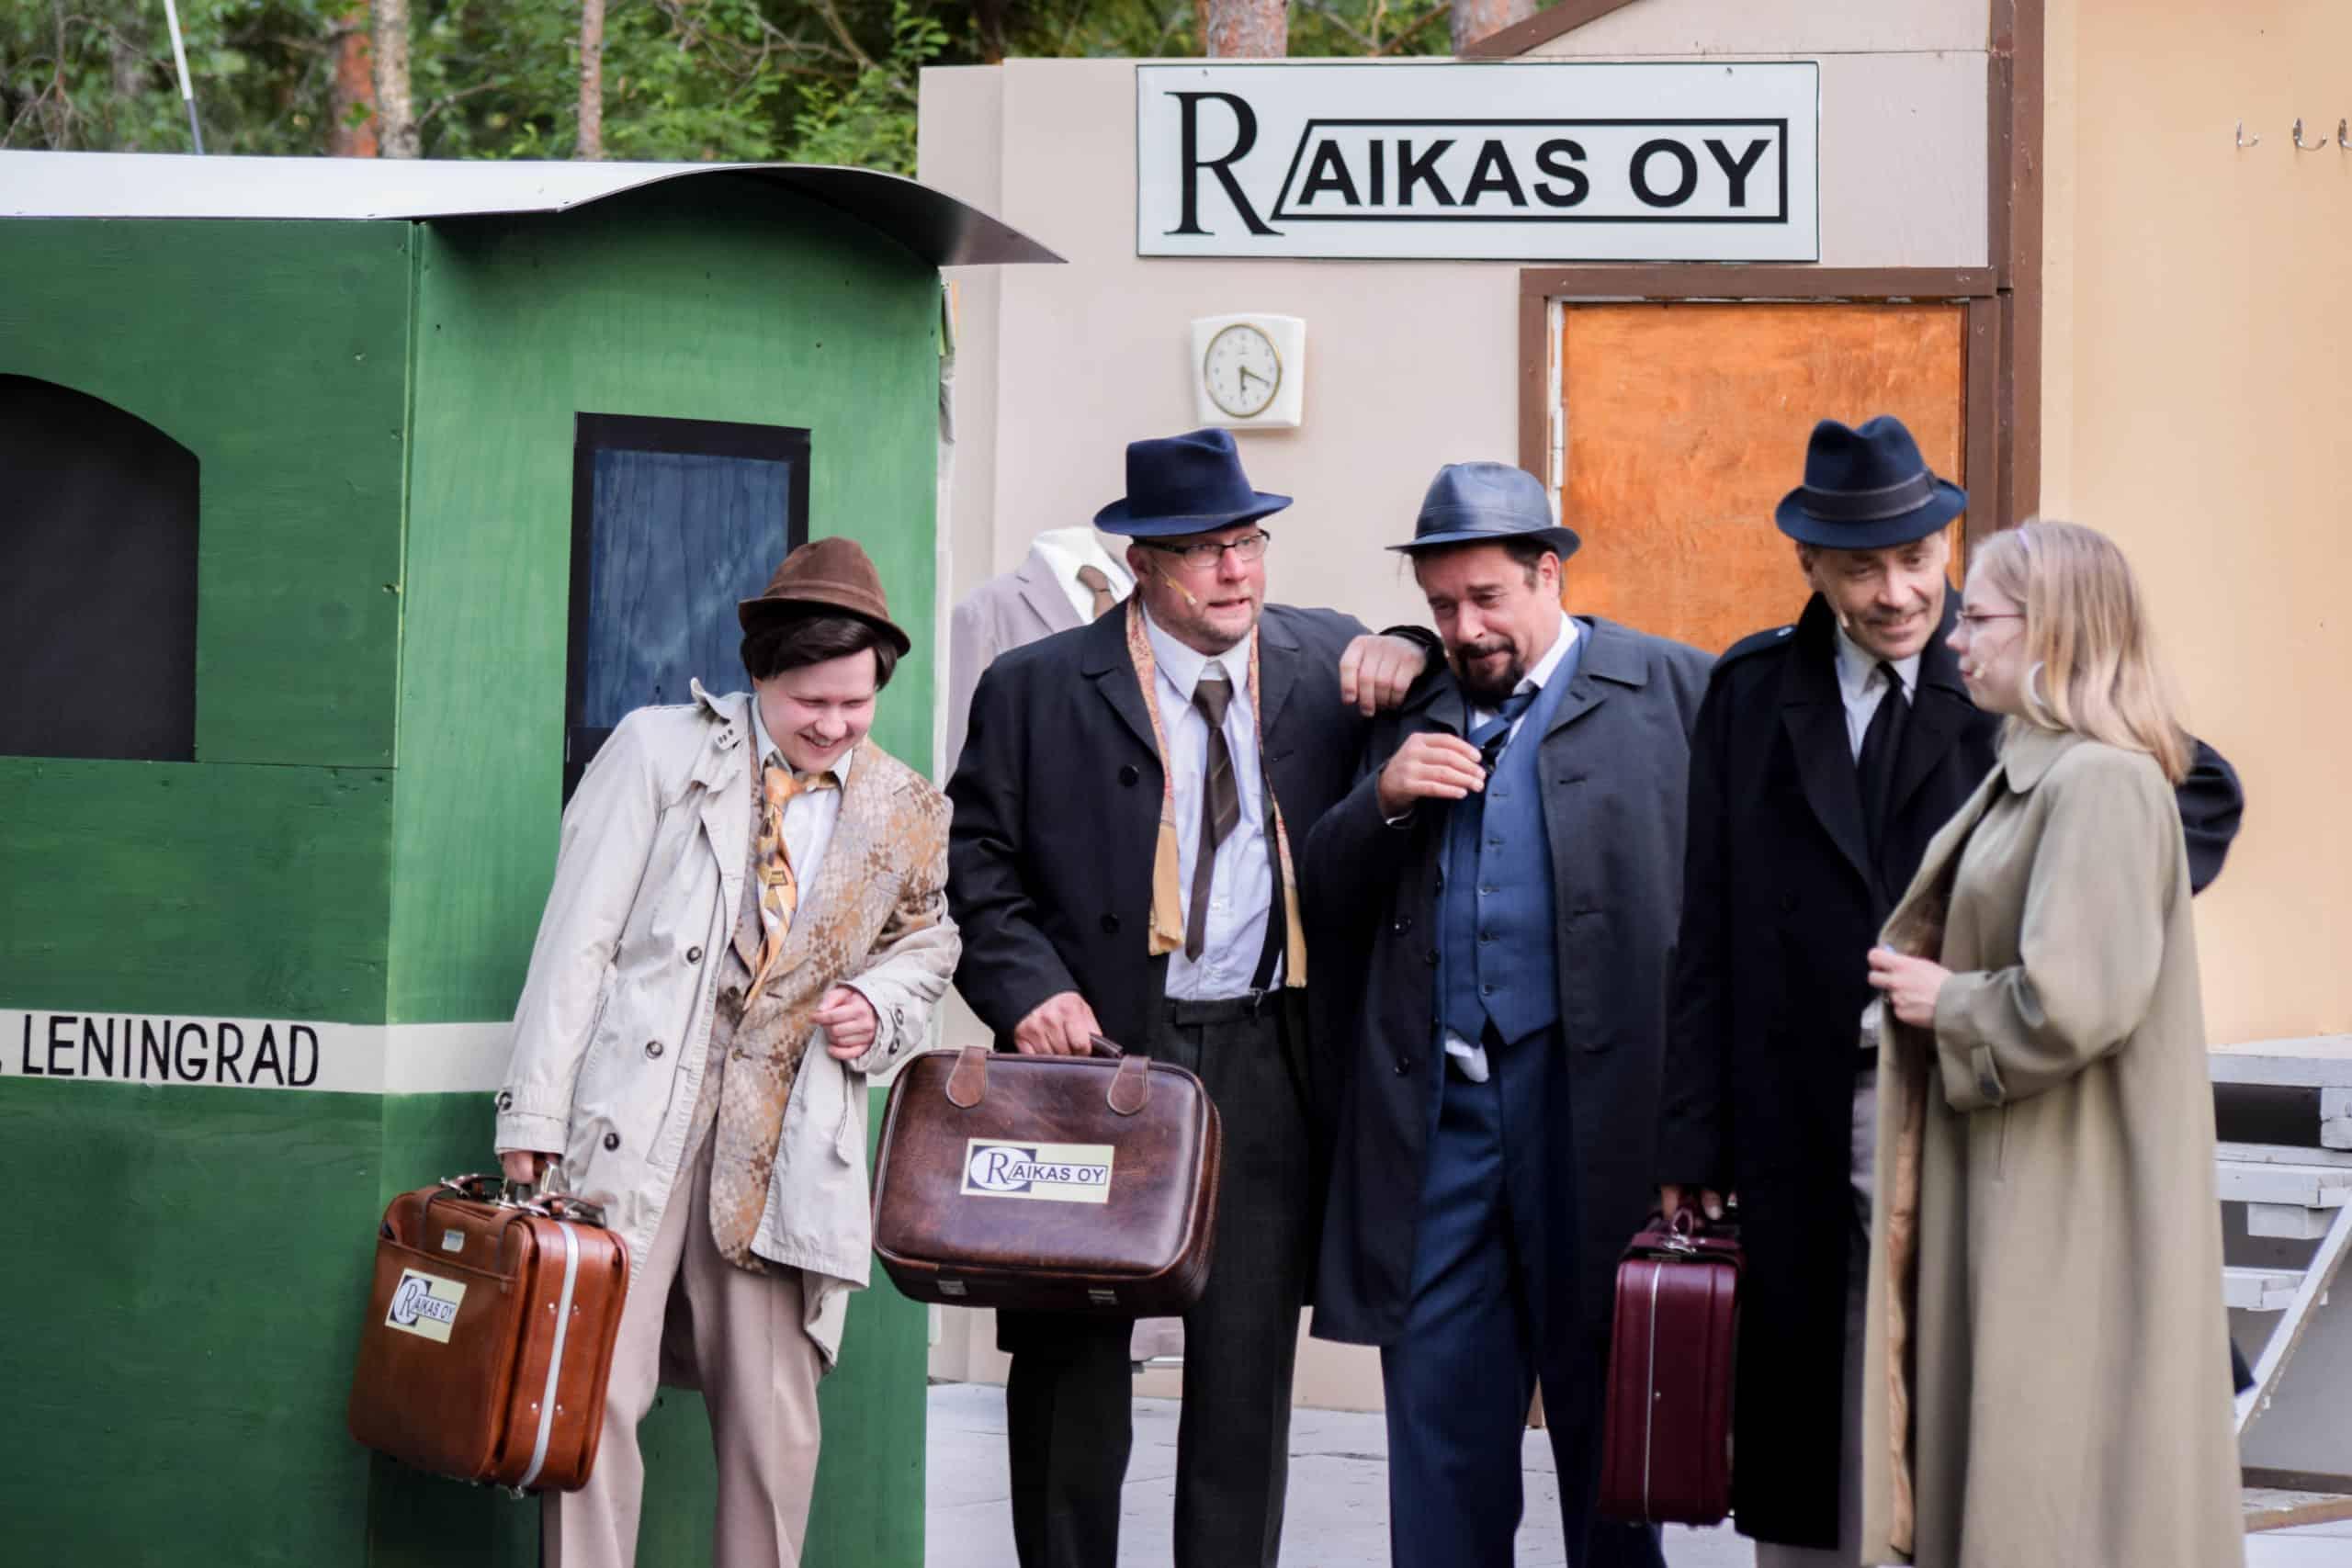 Humalaiset miehen nousevat junasta Raikas Oy:n salkkujen kera.